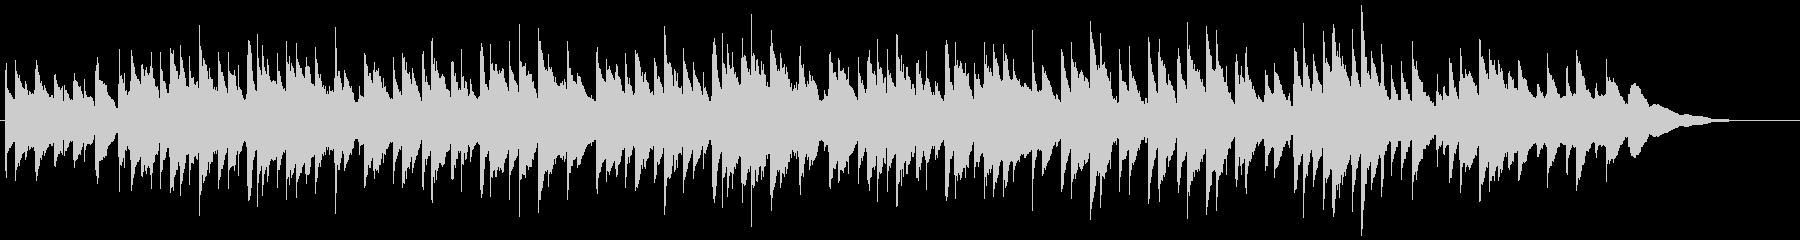 黄昏をイメージしたアコギインスト2の未再生の波形